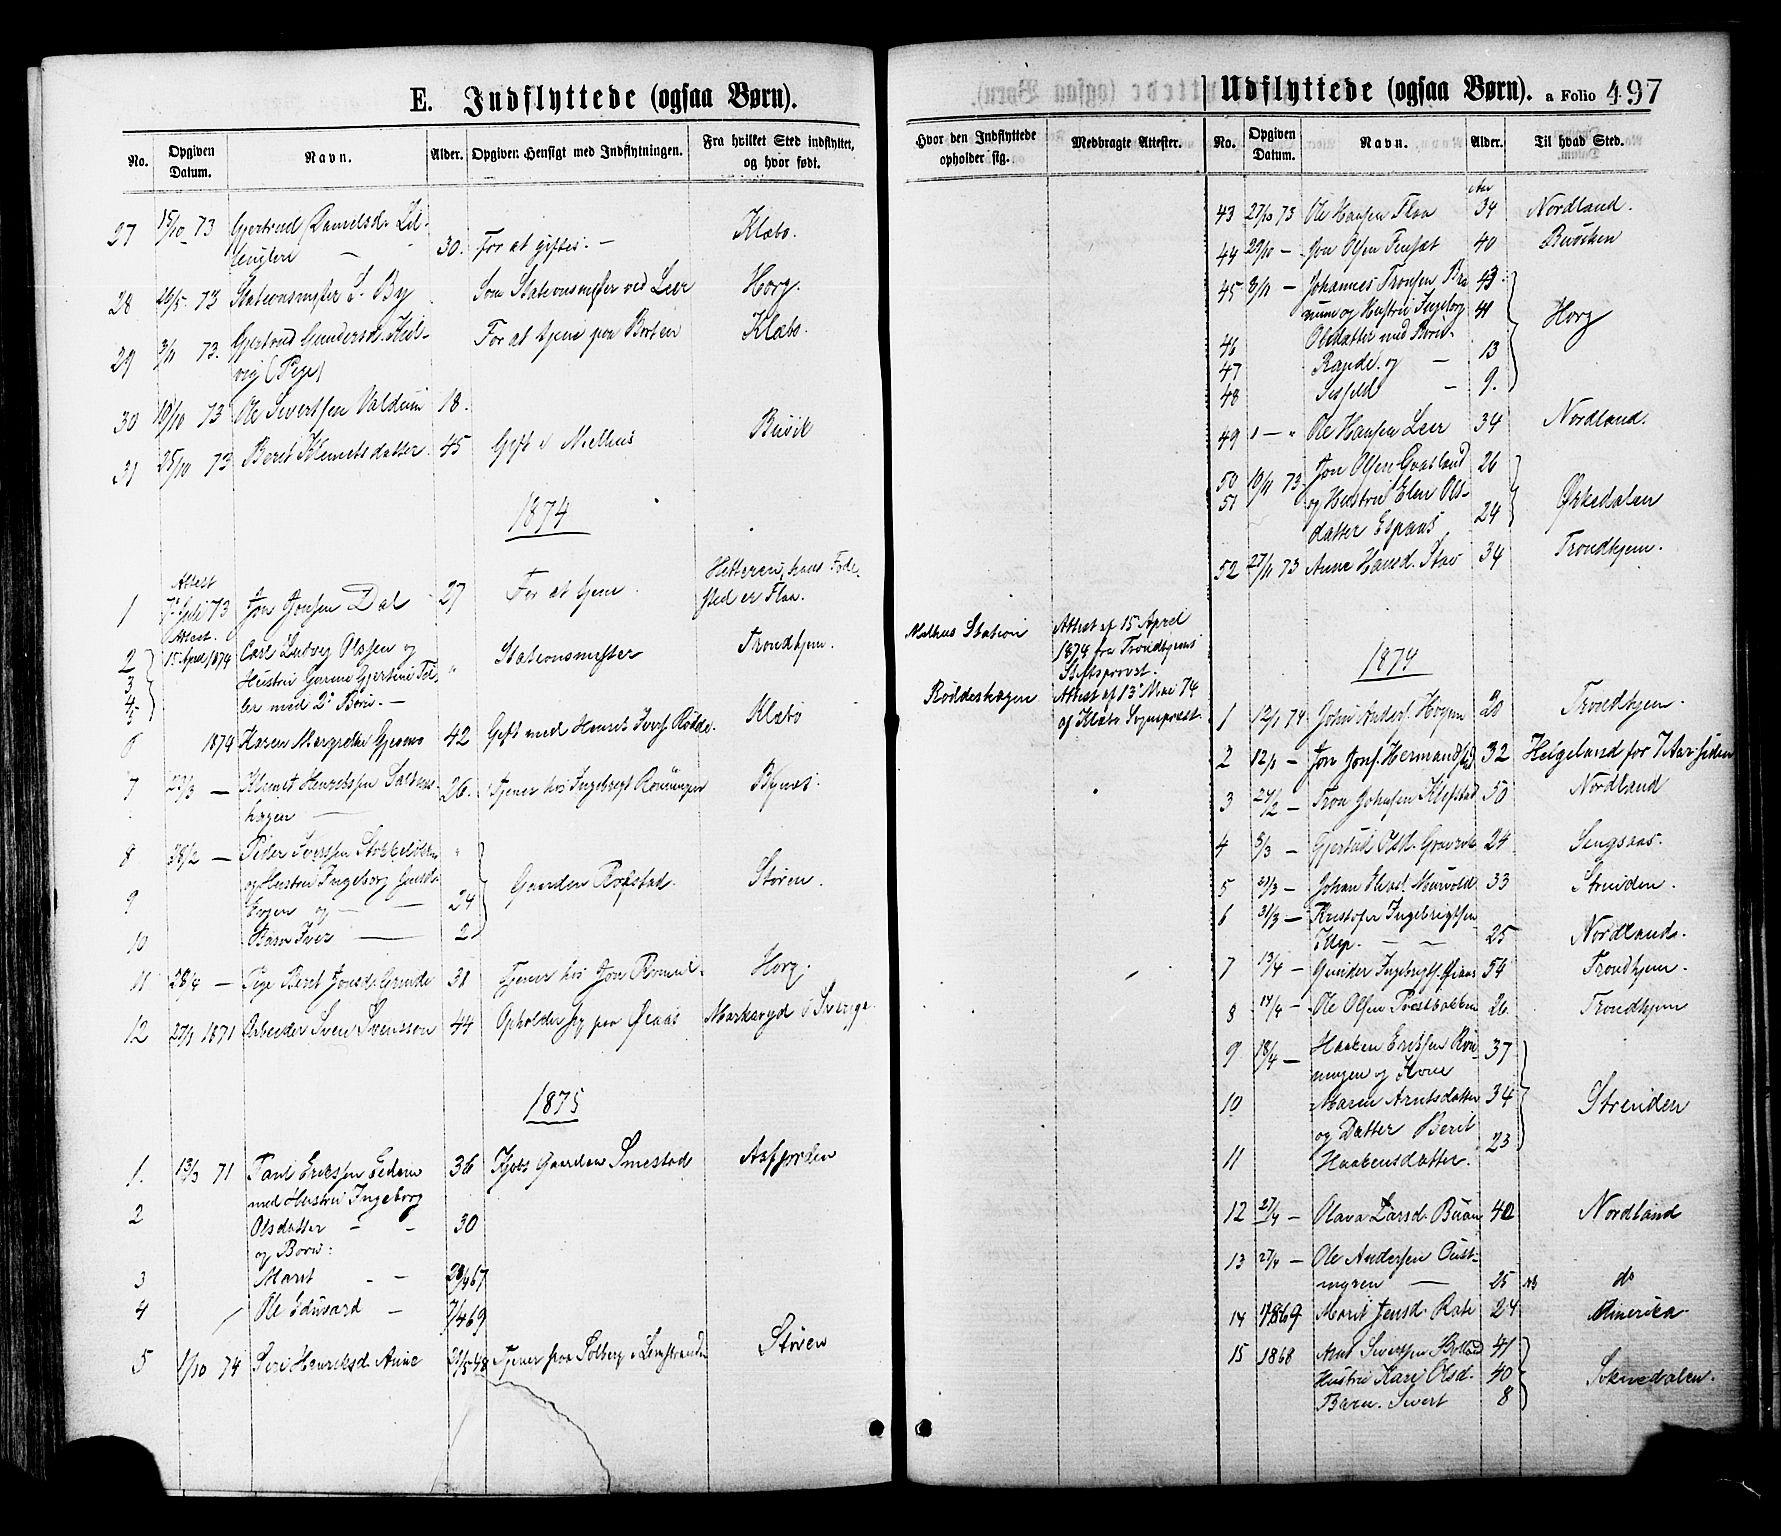 SAT, Ministerialprotokoller, klokkerbøker og fødselsregistre - Sør-Trøndelag, 691/L1079: Ministerialbok nr. 691A11, 1873-1886, s. 497